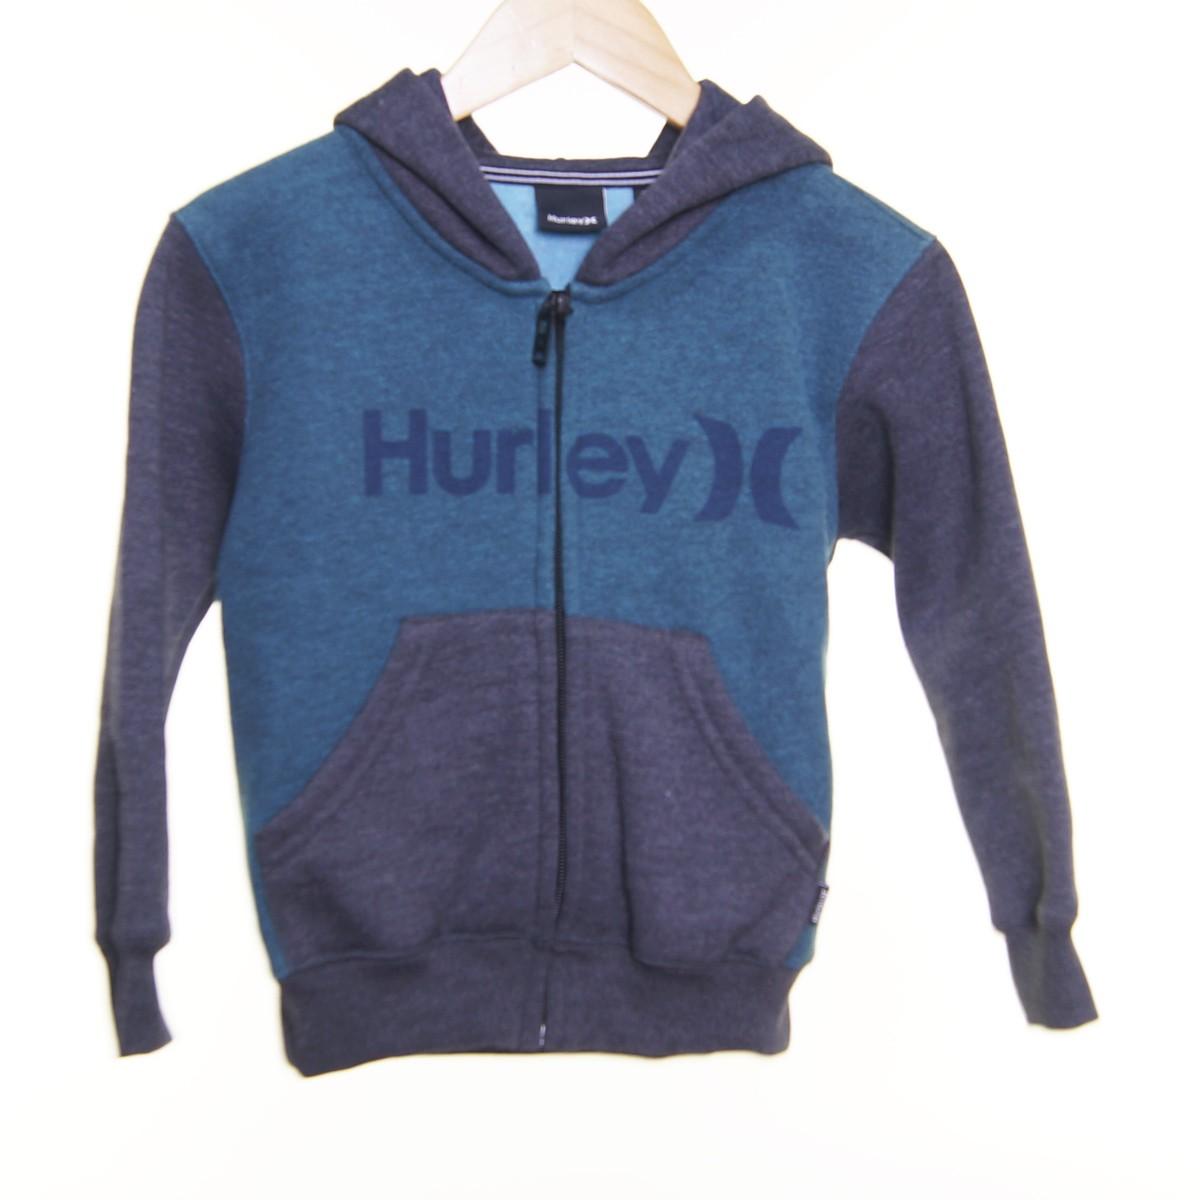 Moletom Infantil Hurley 6361